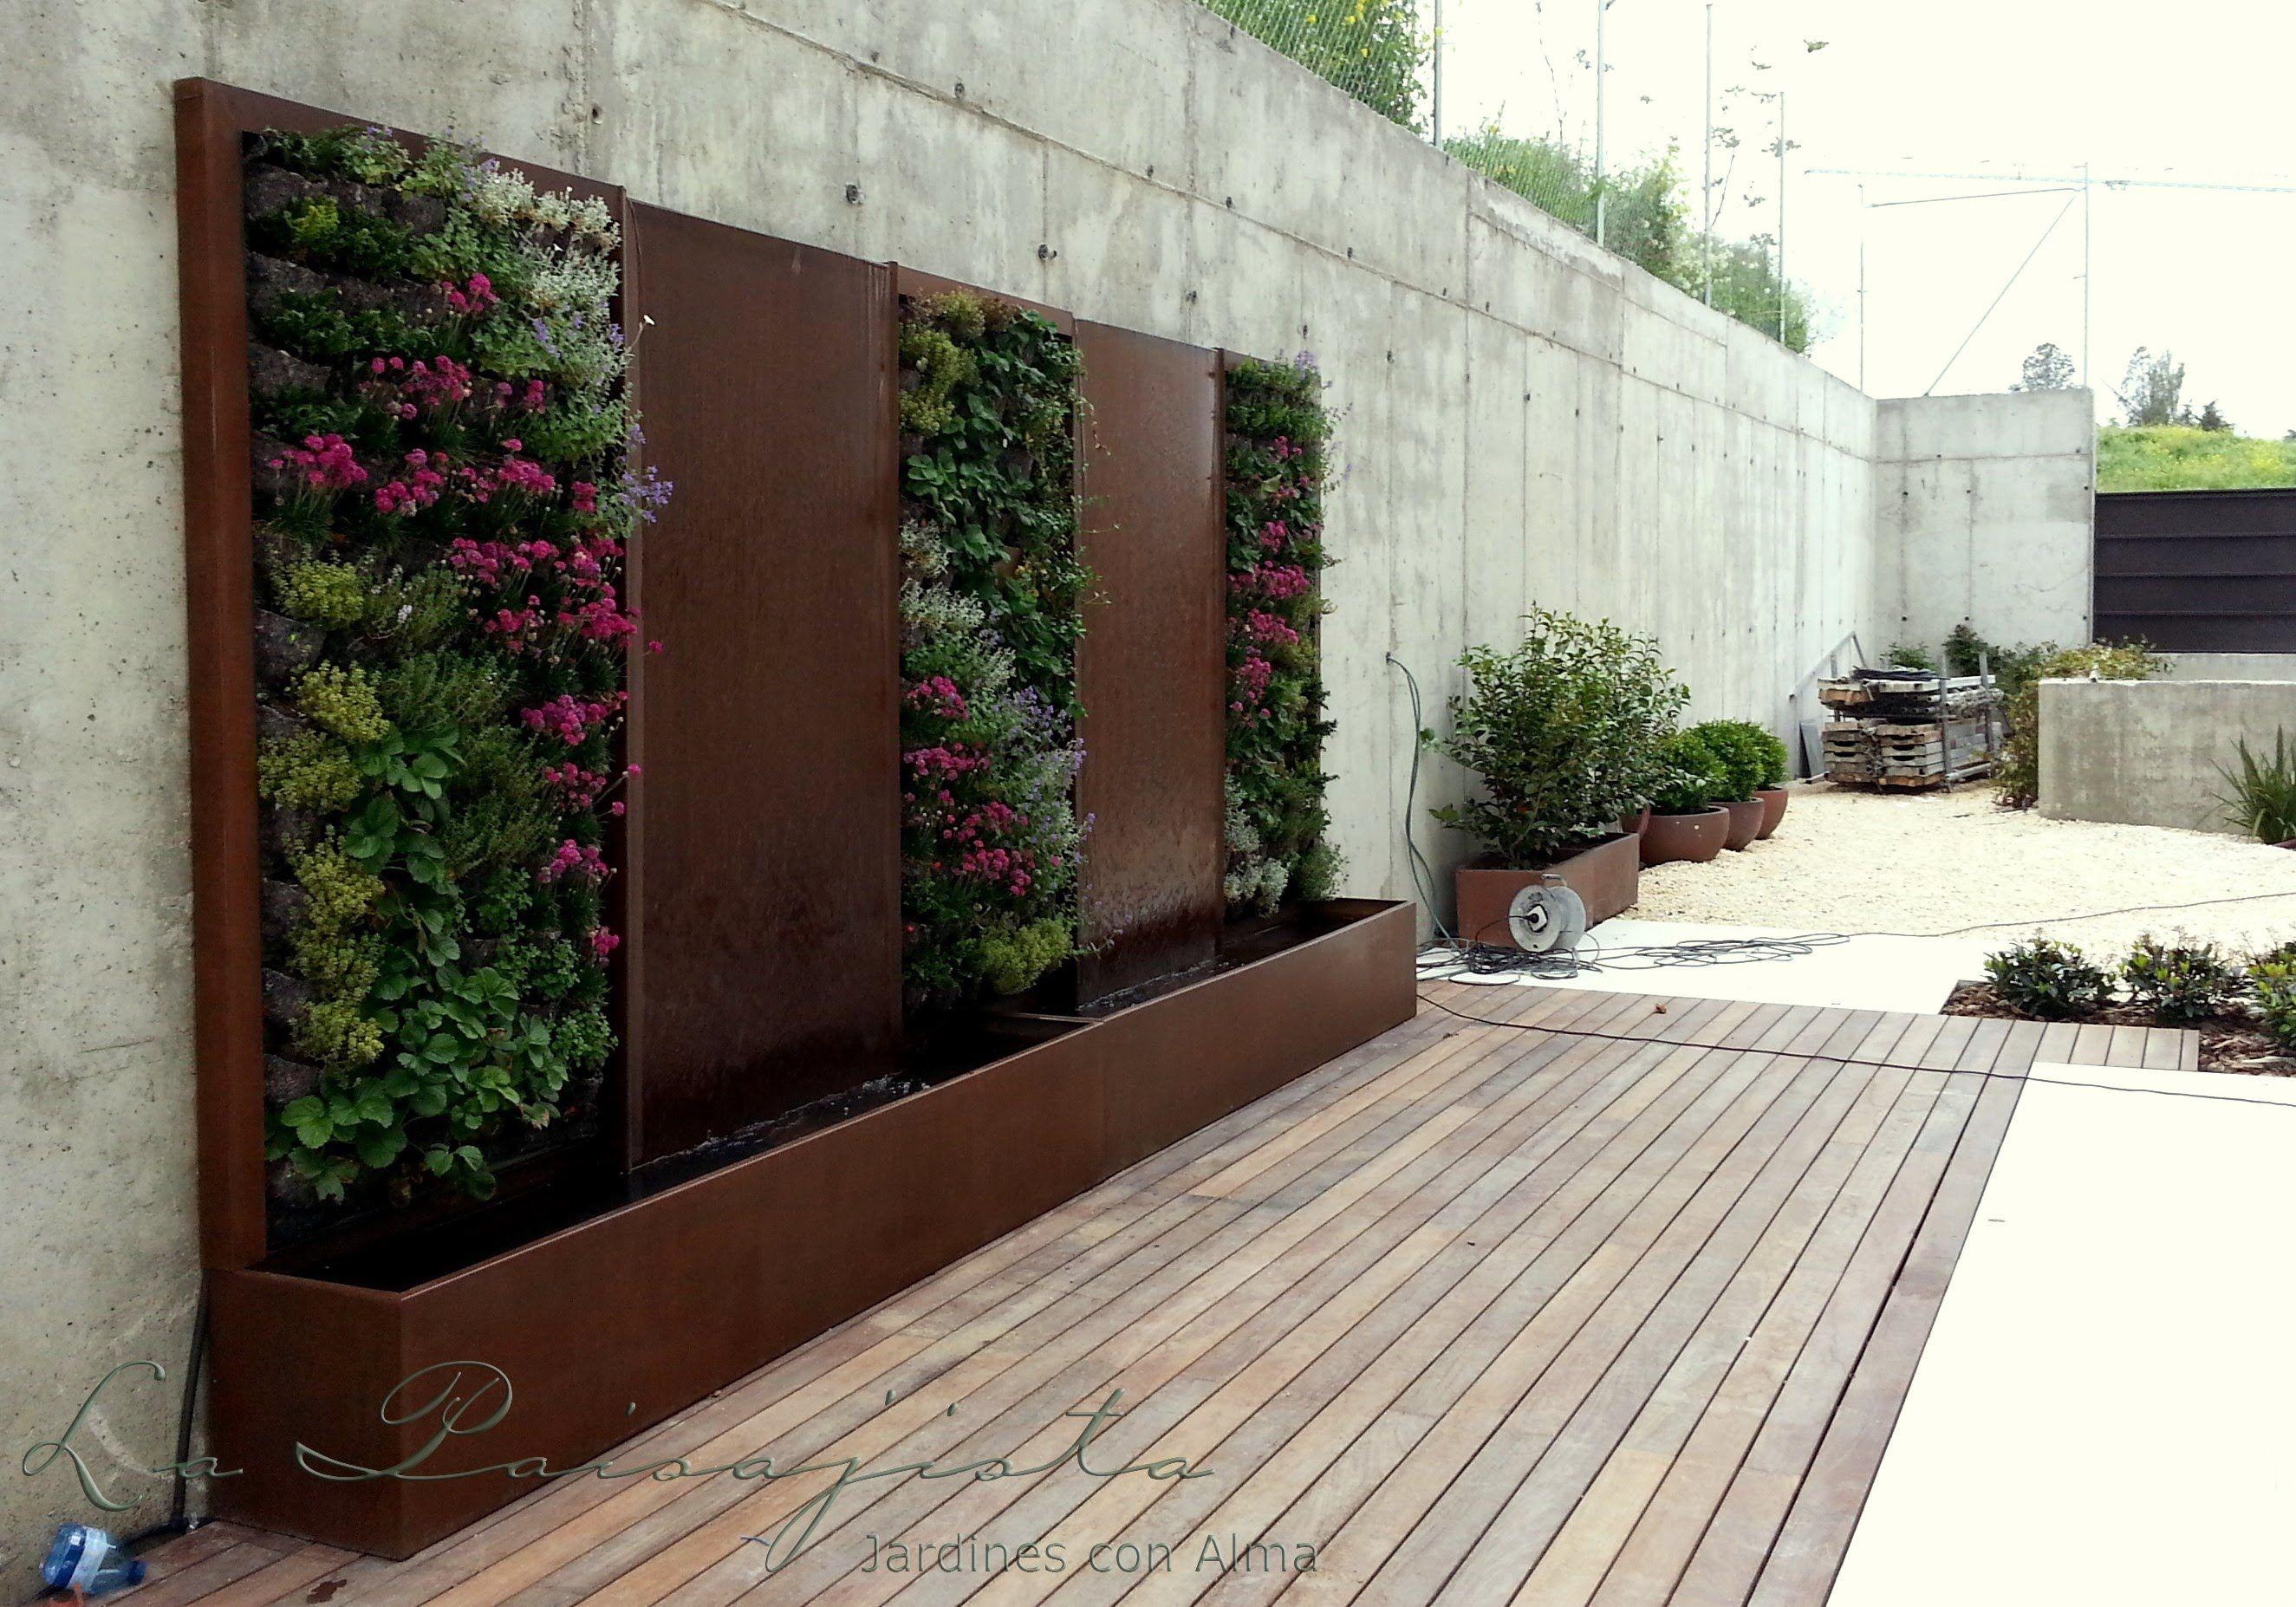 Top Fuente De Acero Corten Y Jardin Vertical With Fuentes De Jardin Modernas .